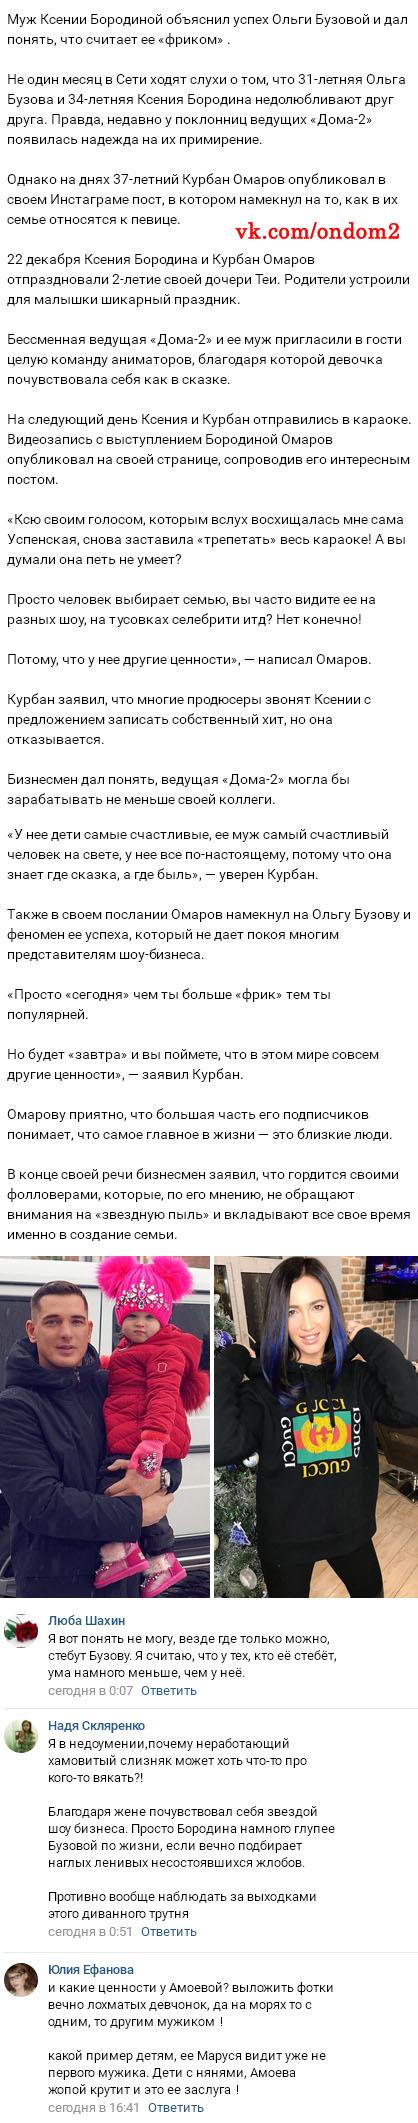 Мнение о Курбане Омарове вконтакте